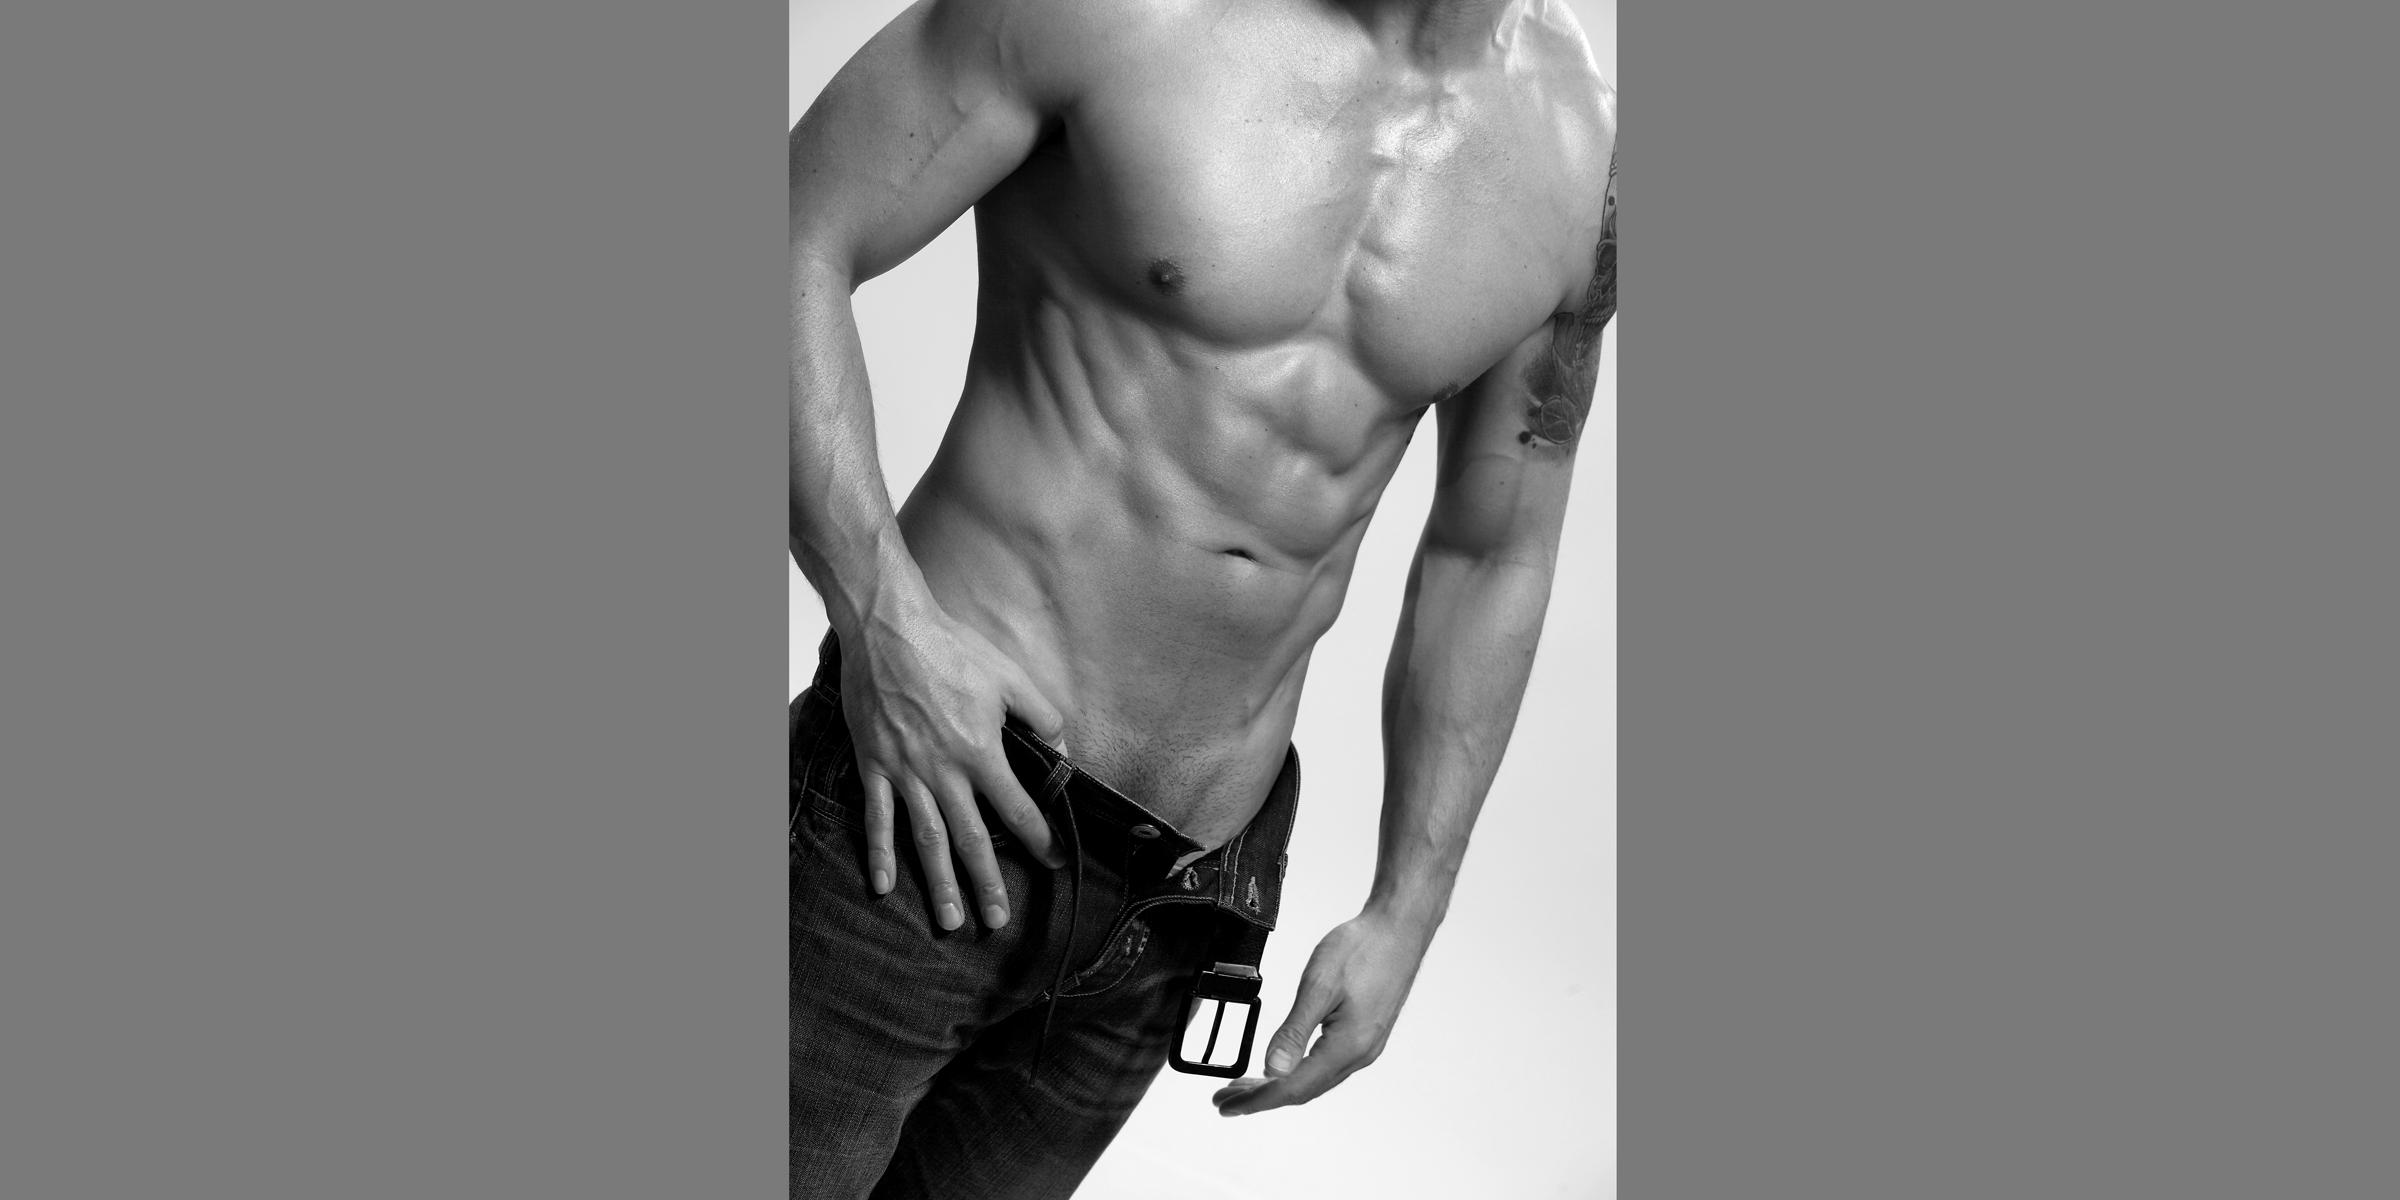 Schwarz-weißer Bildausschnitt von Brust und Bauch eines sportlichen Mannes in Jeans, die am oberen Knopf geöffnet ist.